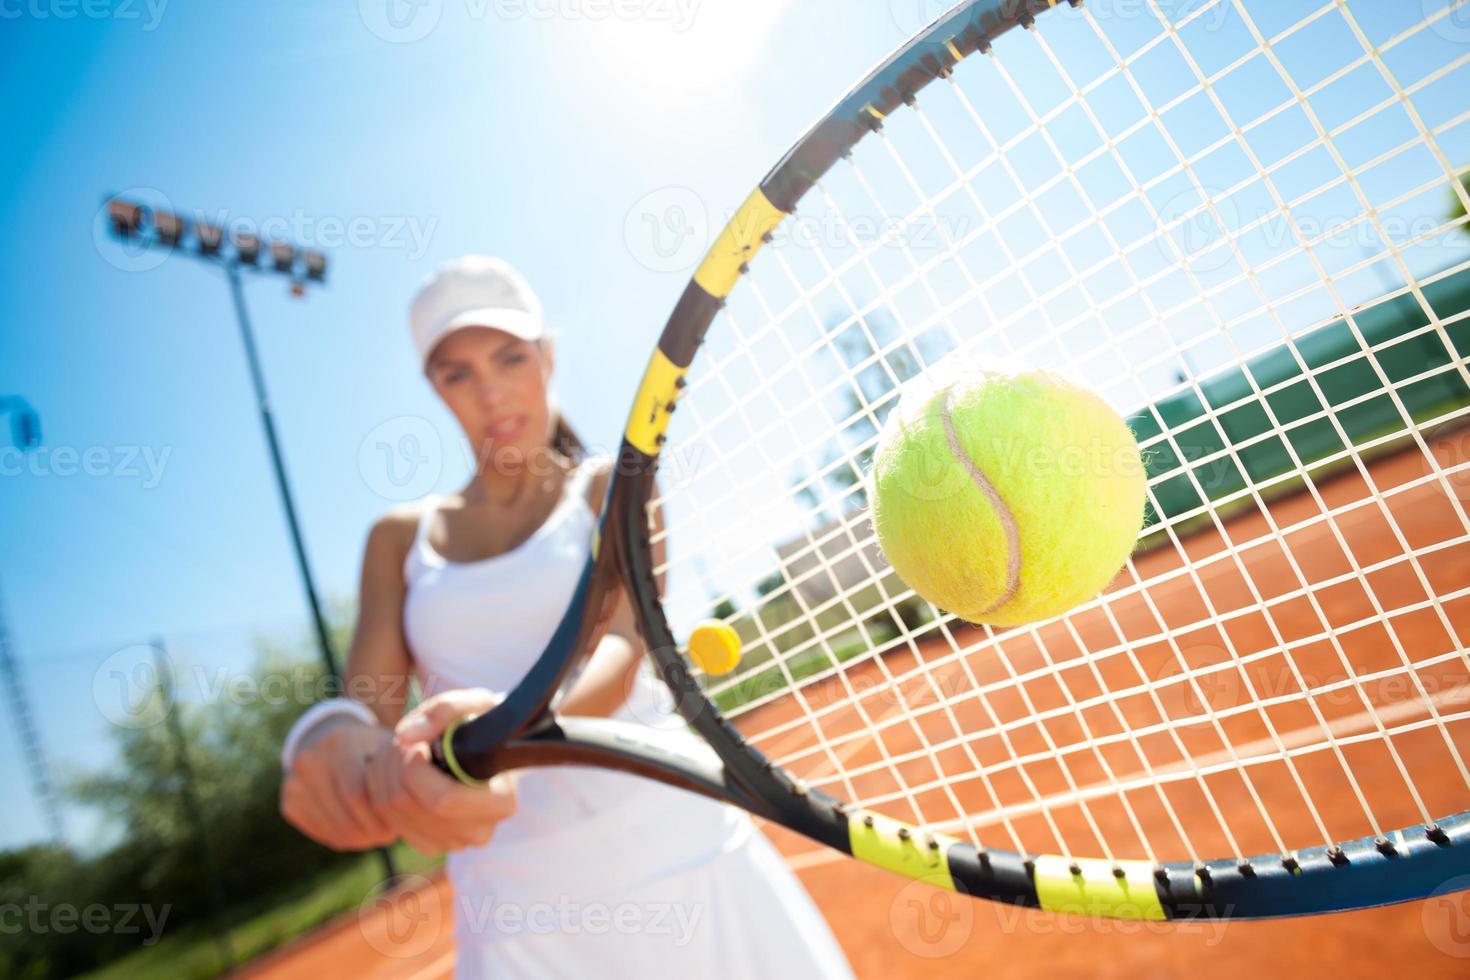 tenista desportiva em ação foto